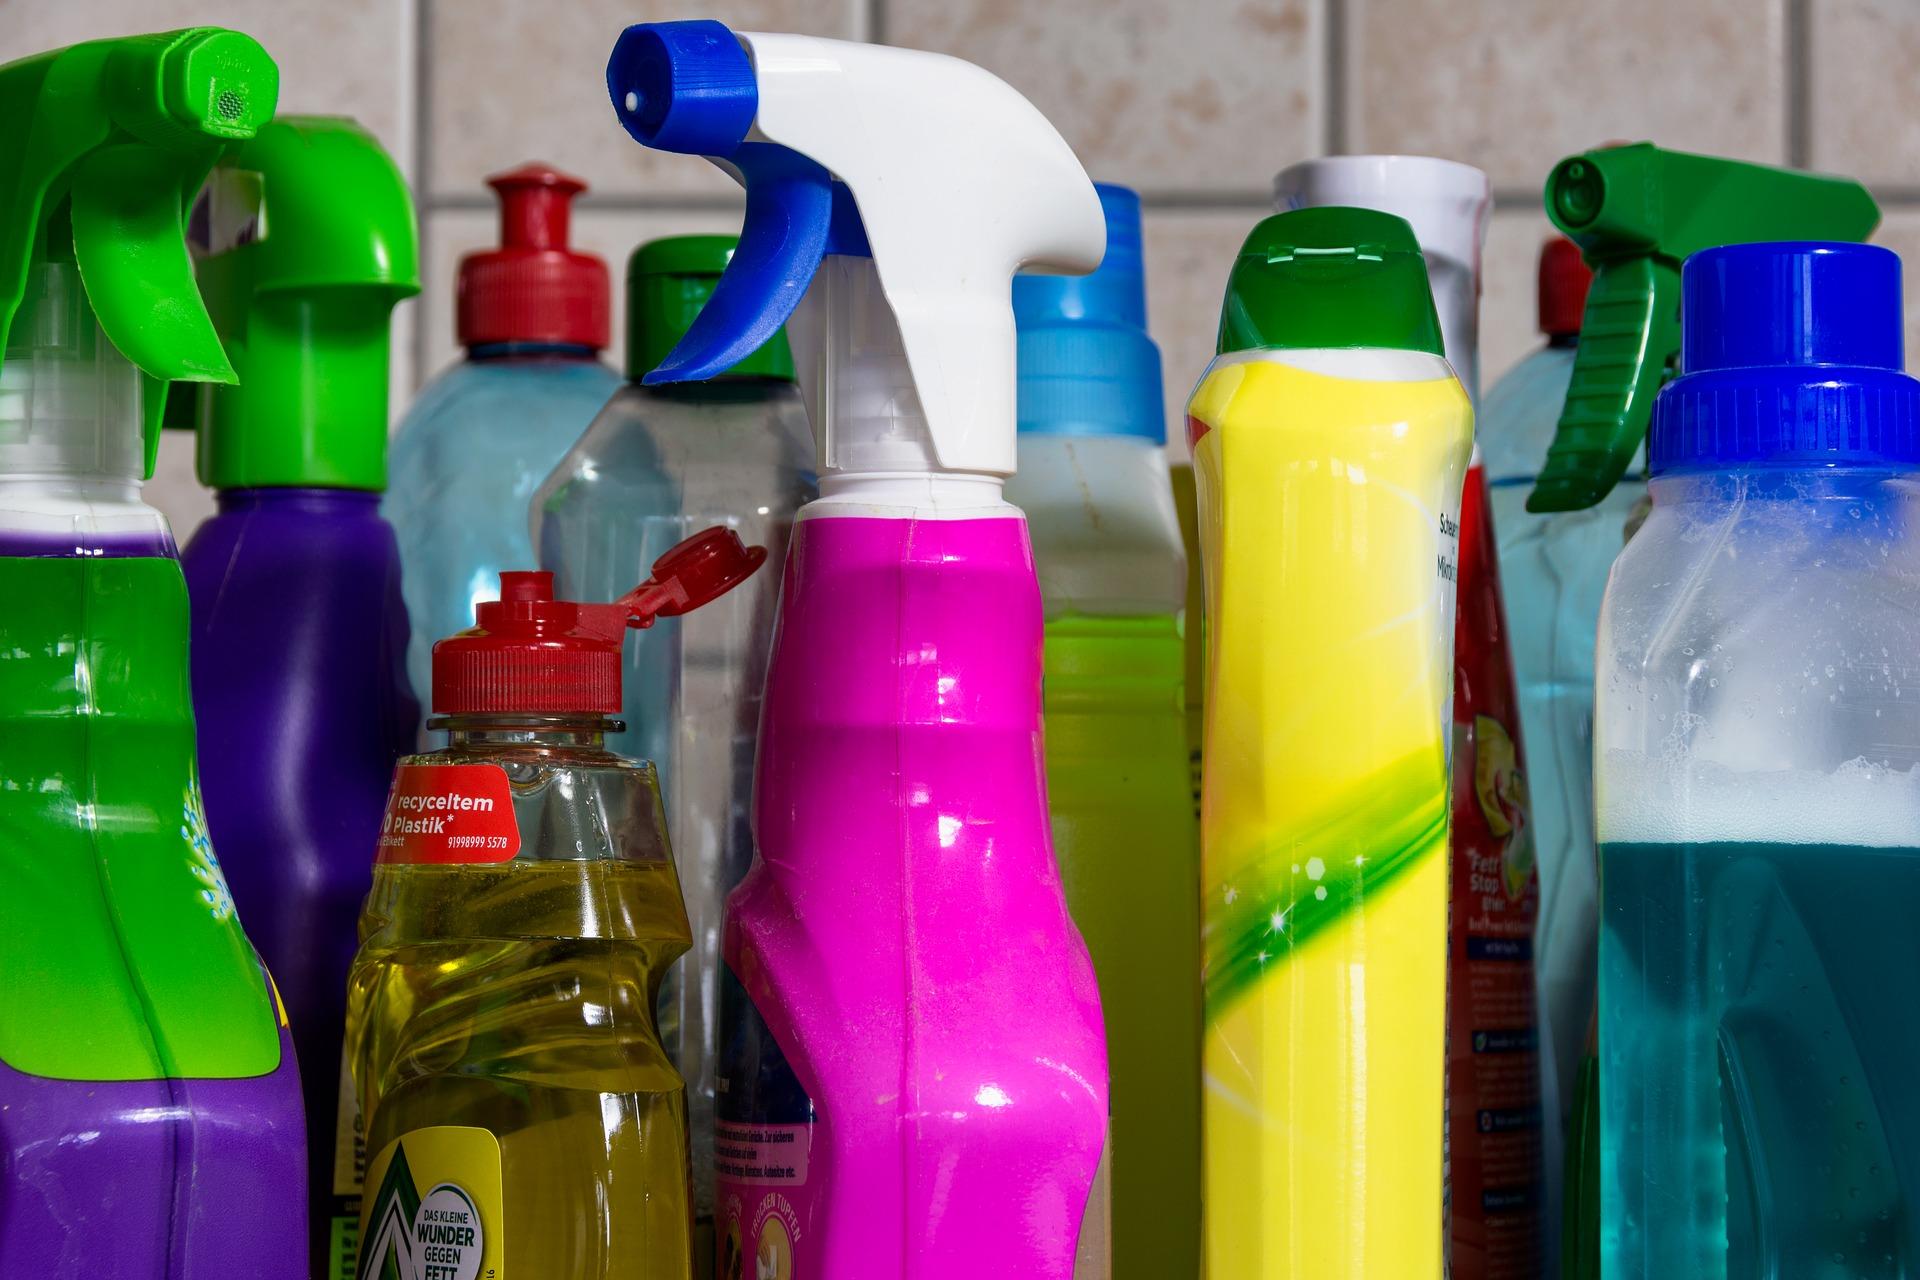 Imagem de várias embalagens de desinfetante em cores e formatos diferentes